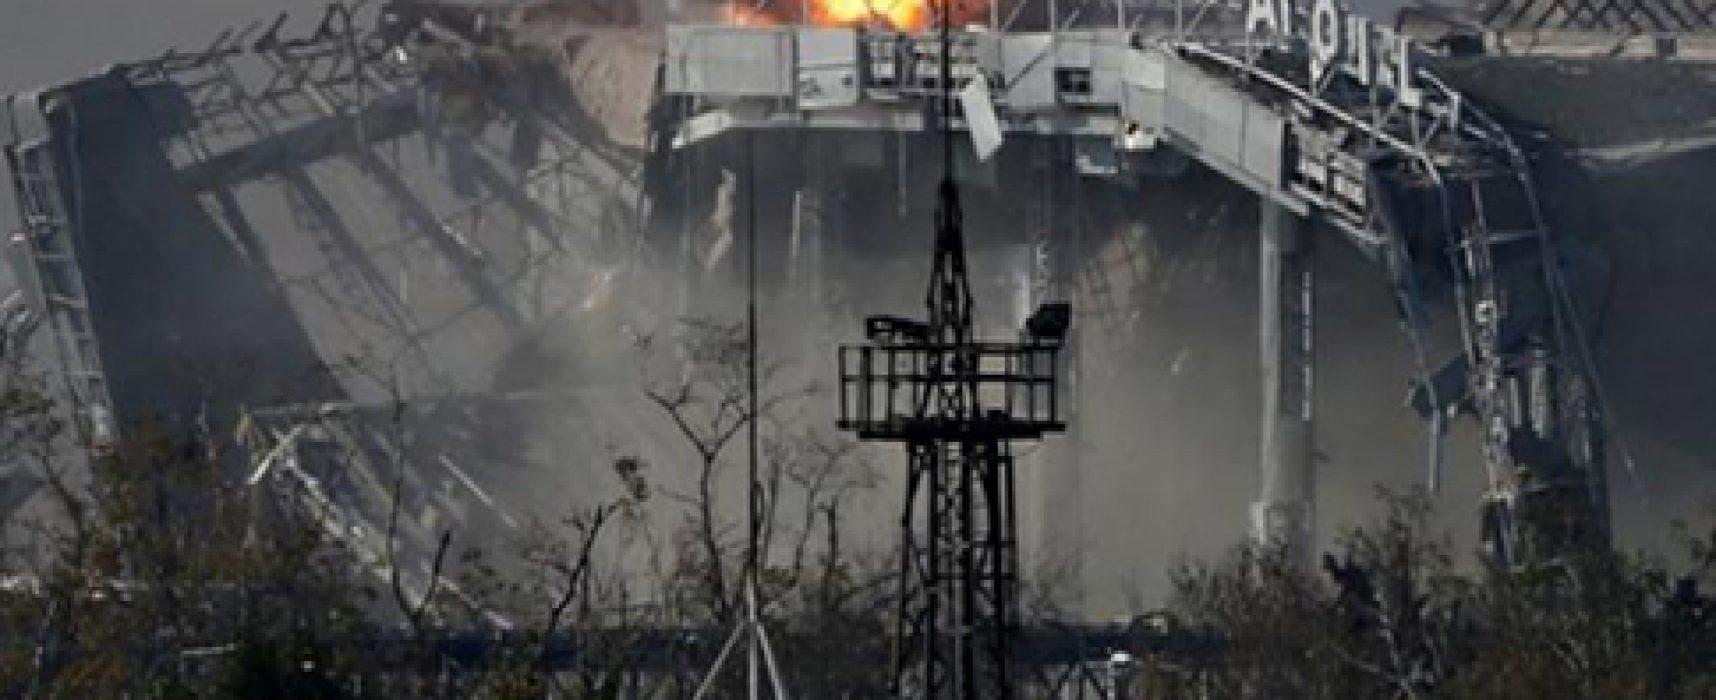 В САЩ издали наръчник по противодействие на РФ на основата на събитията в Украйна